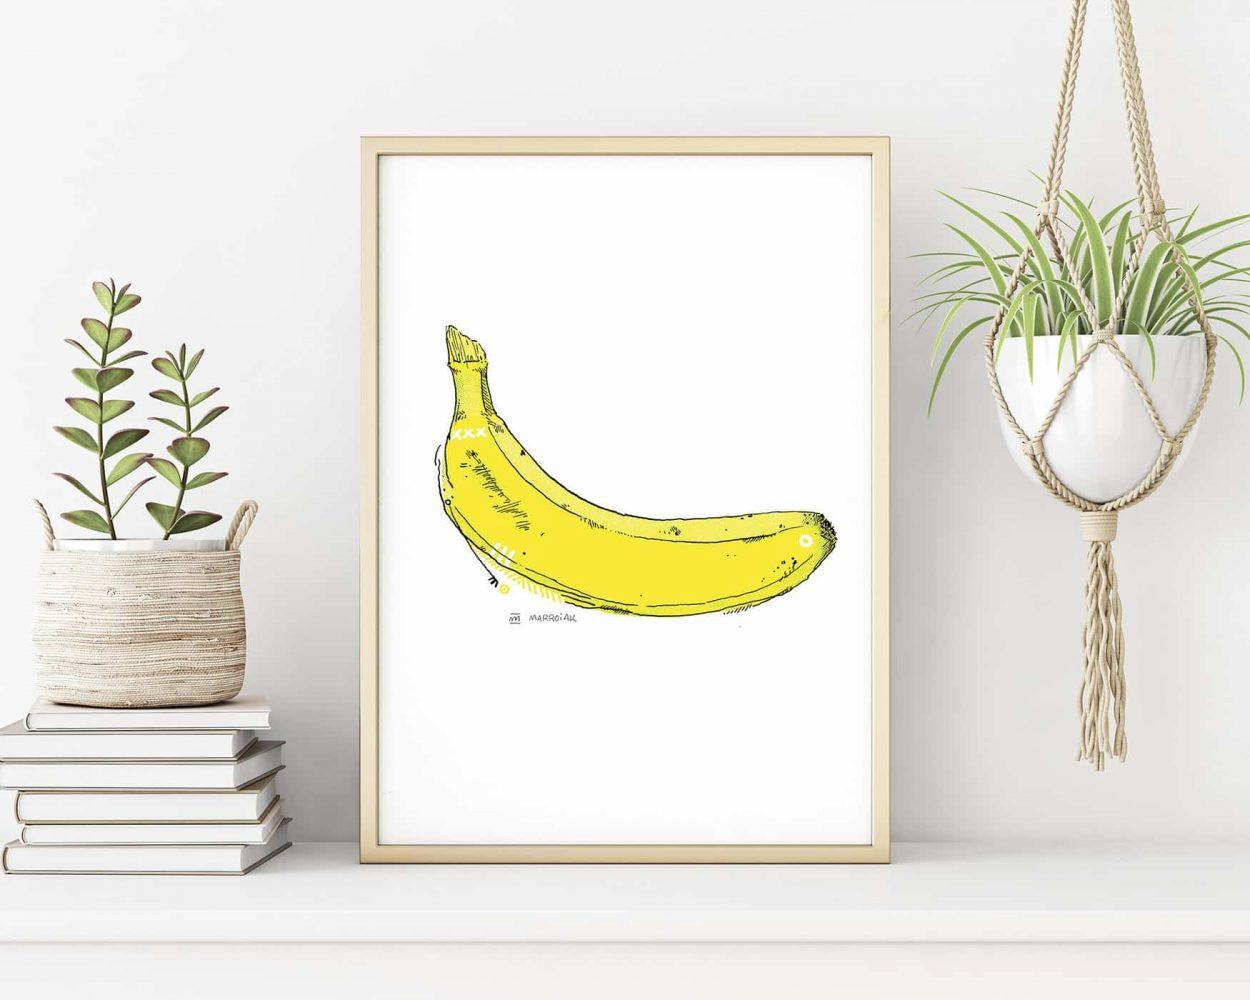 Lámina print con una ilustración de un plátano (banana)